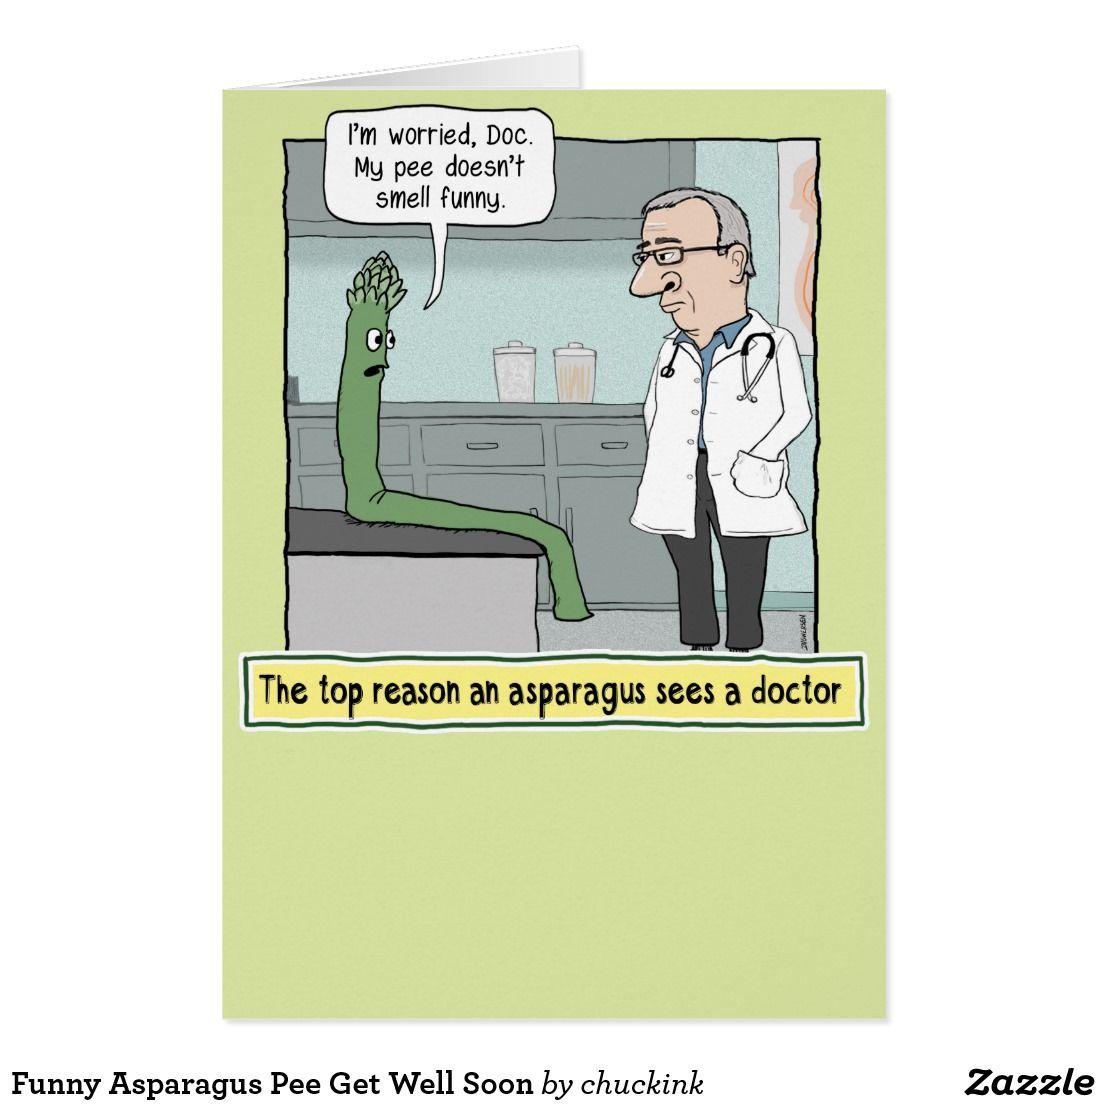 Funny asparagus pee get well soon card asparagus funny asparagus pee get well soon card kristyandbryce Choice Image